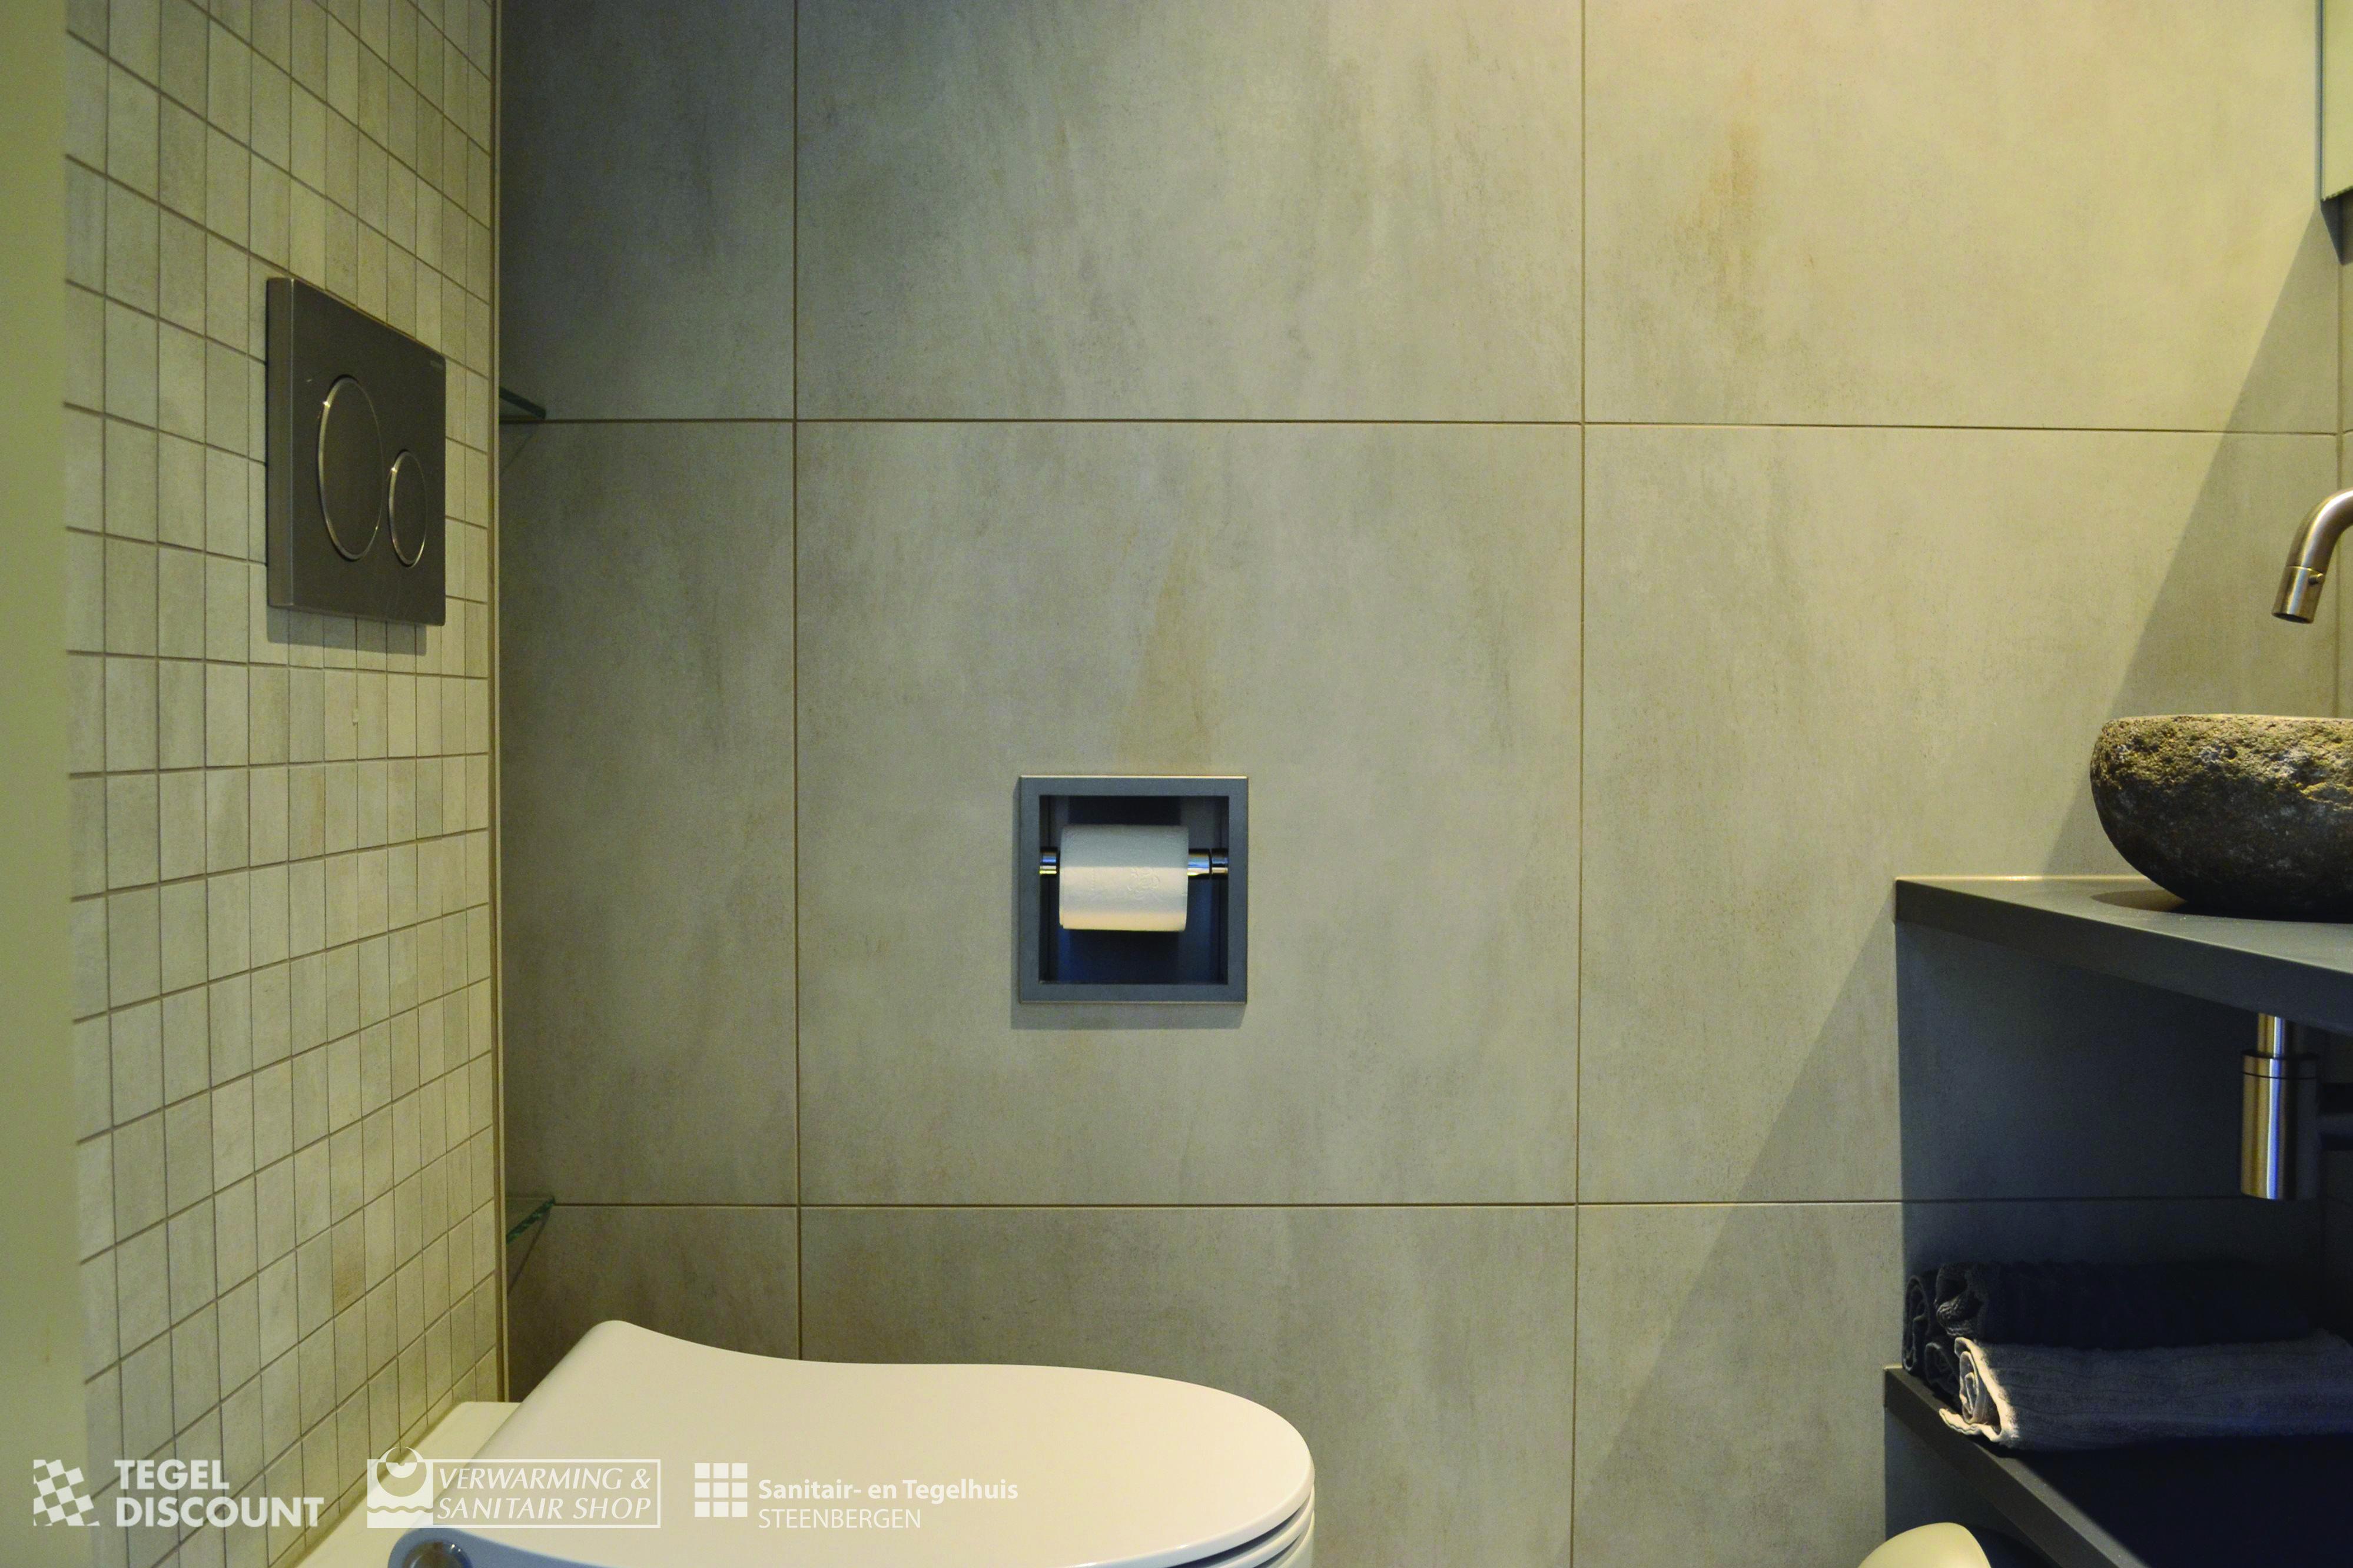 Inloopdouche Met Inbouwkraan : Toilet betonlook tegel mozaïek looox nis rvs inbouwkraan